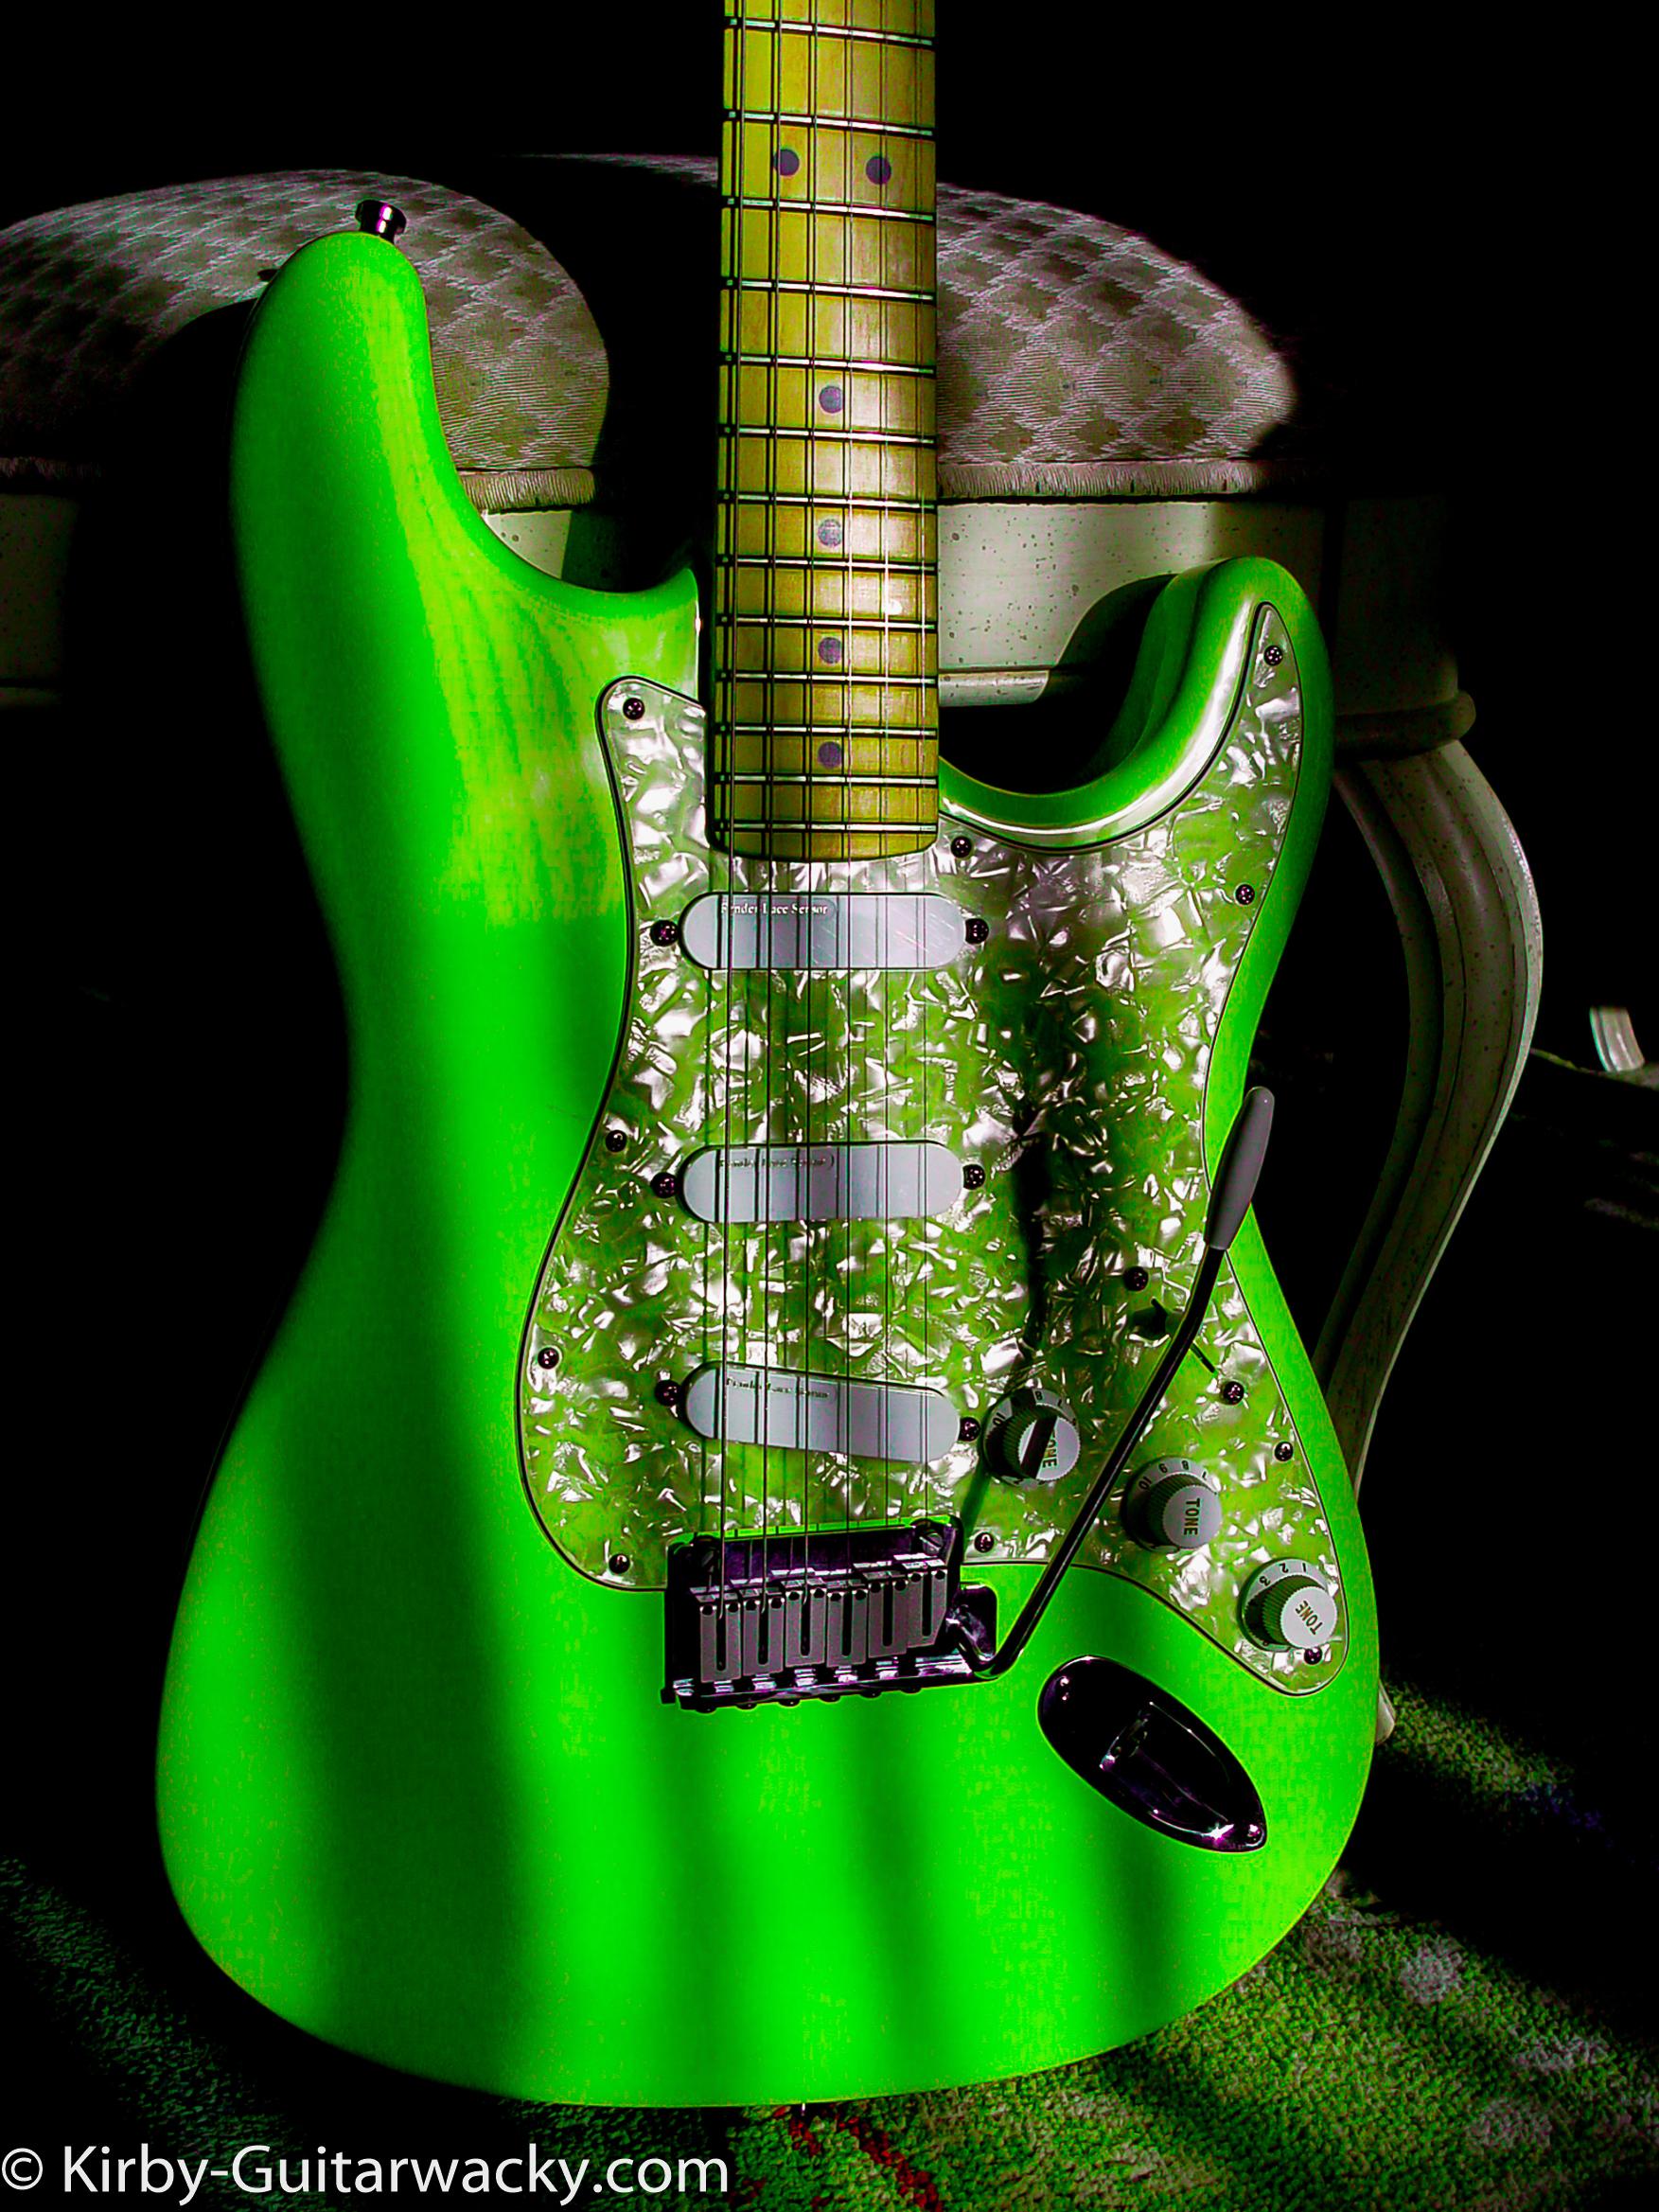 Fender Stratocaster Plus Guitarwacky.com